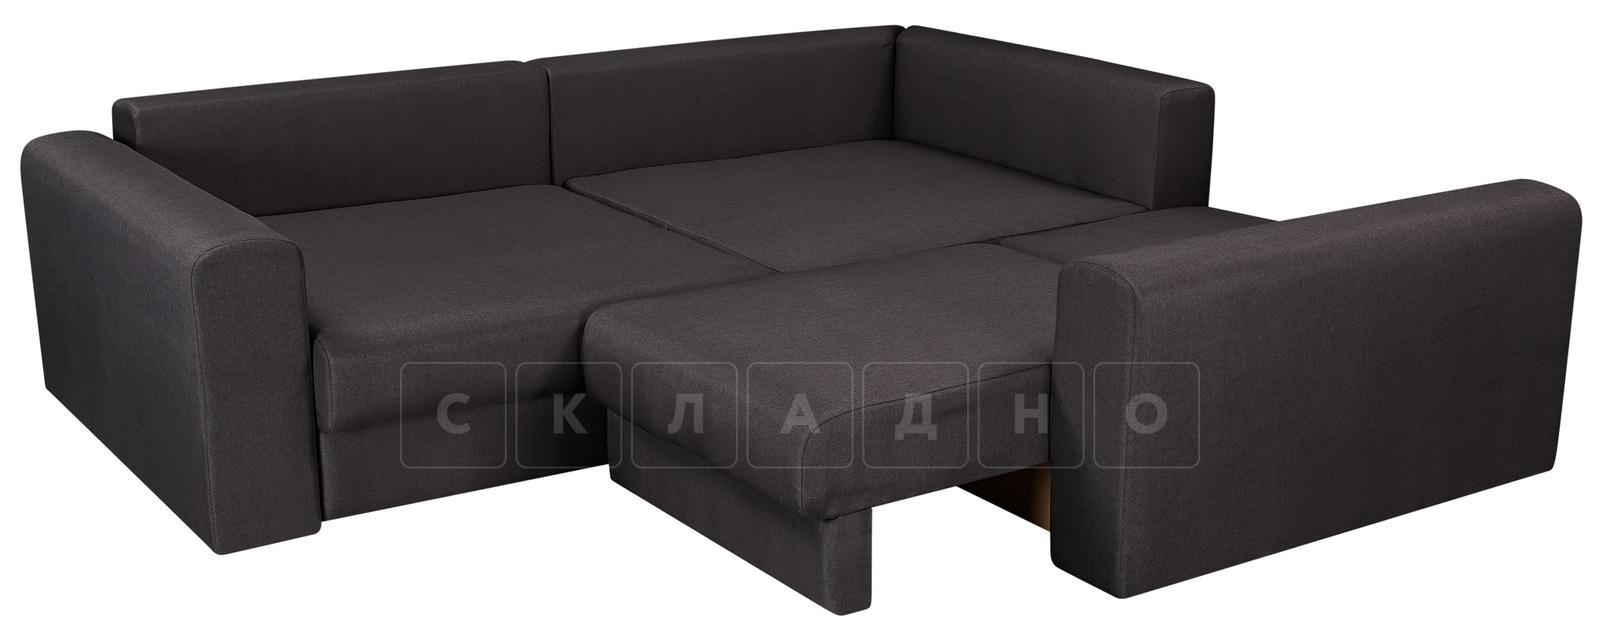 Угловой диван Медисон темно-серый 244х224 см фото 4 | интернет-магазин Складно